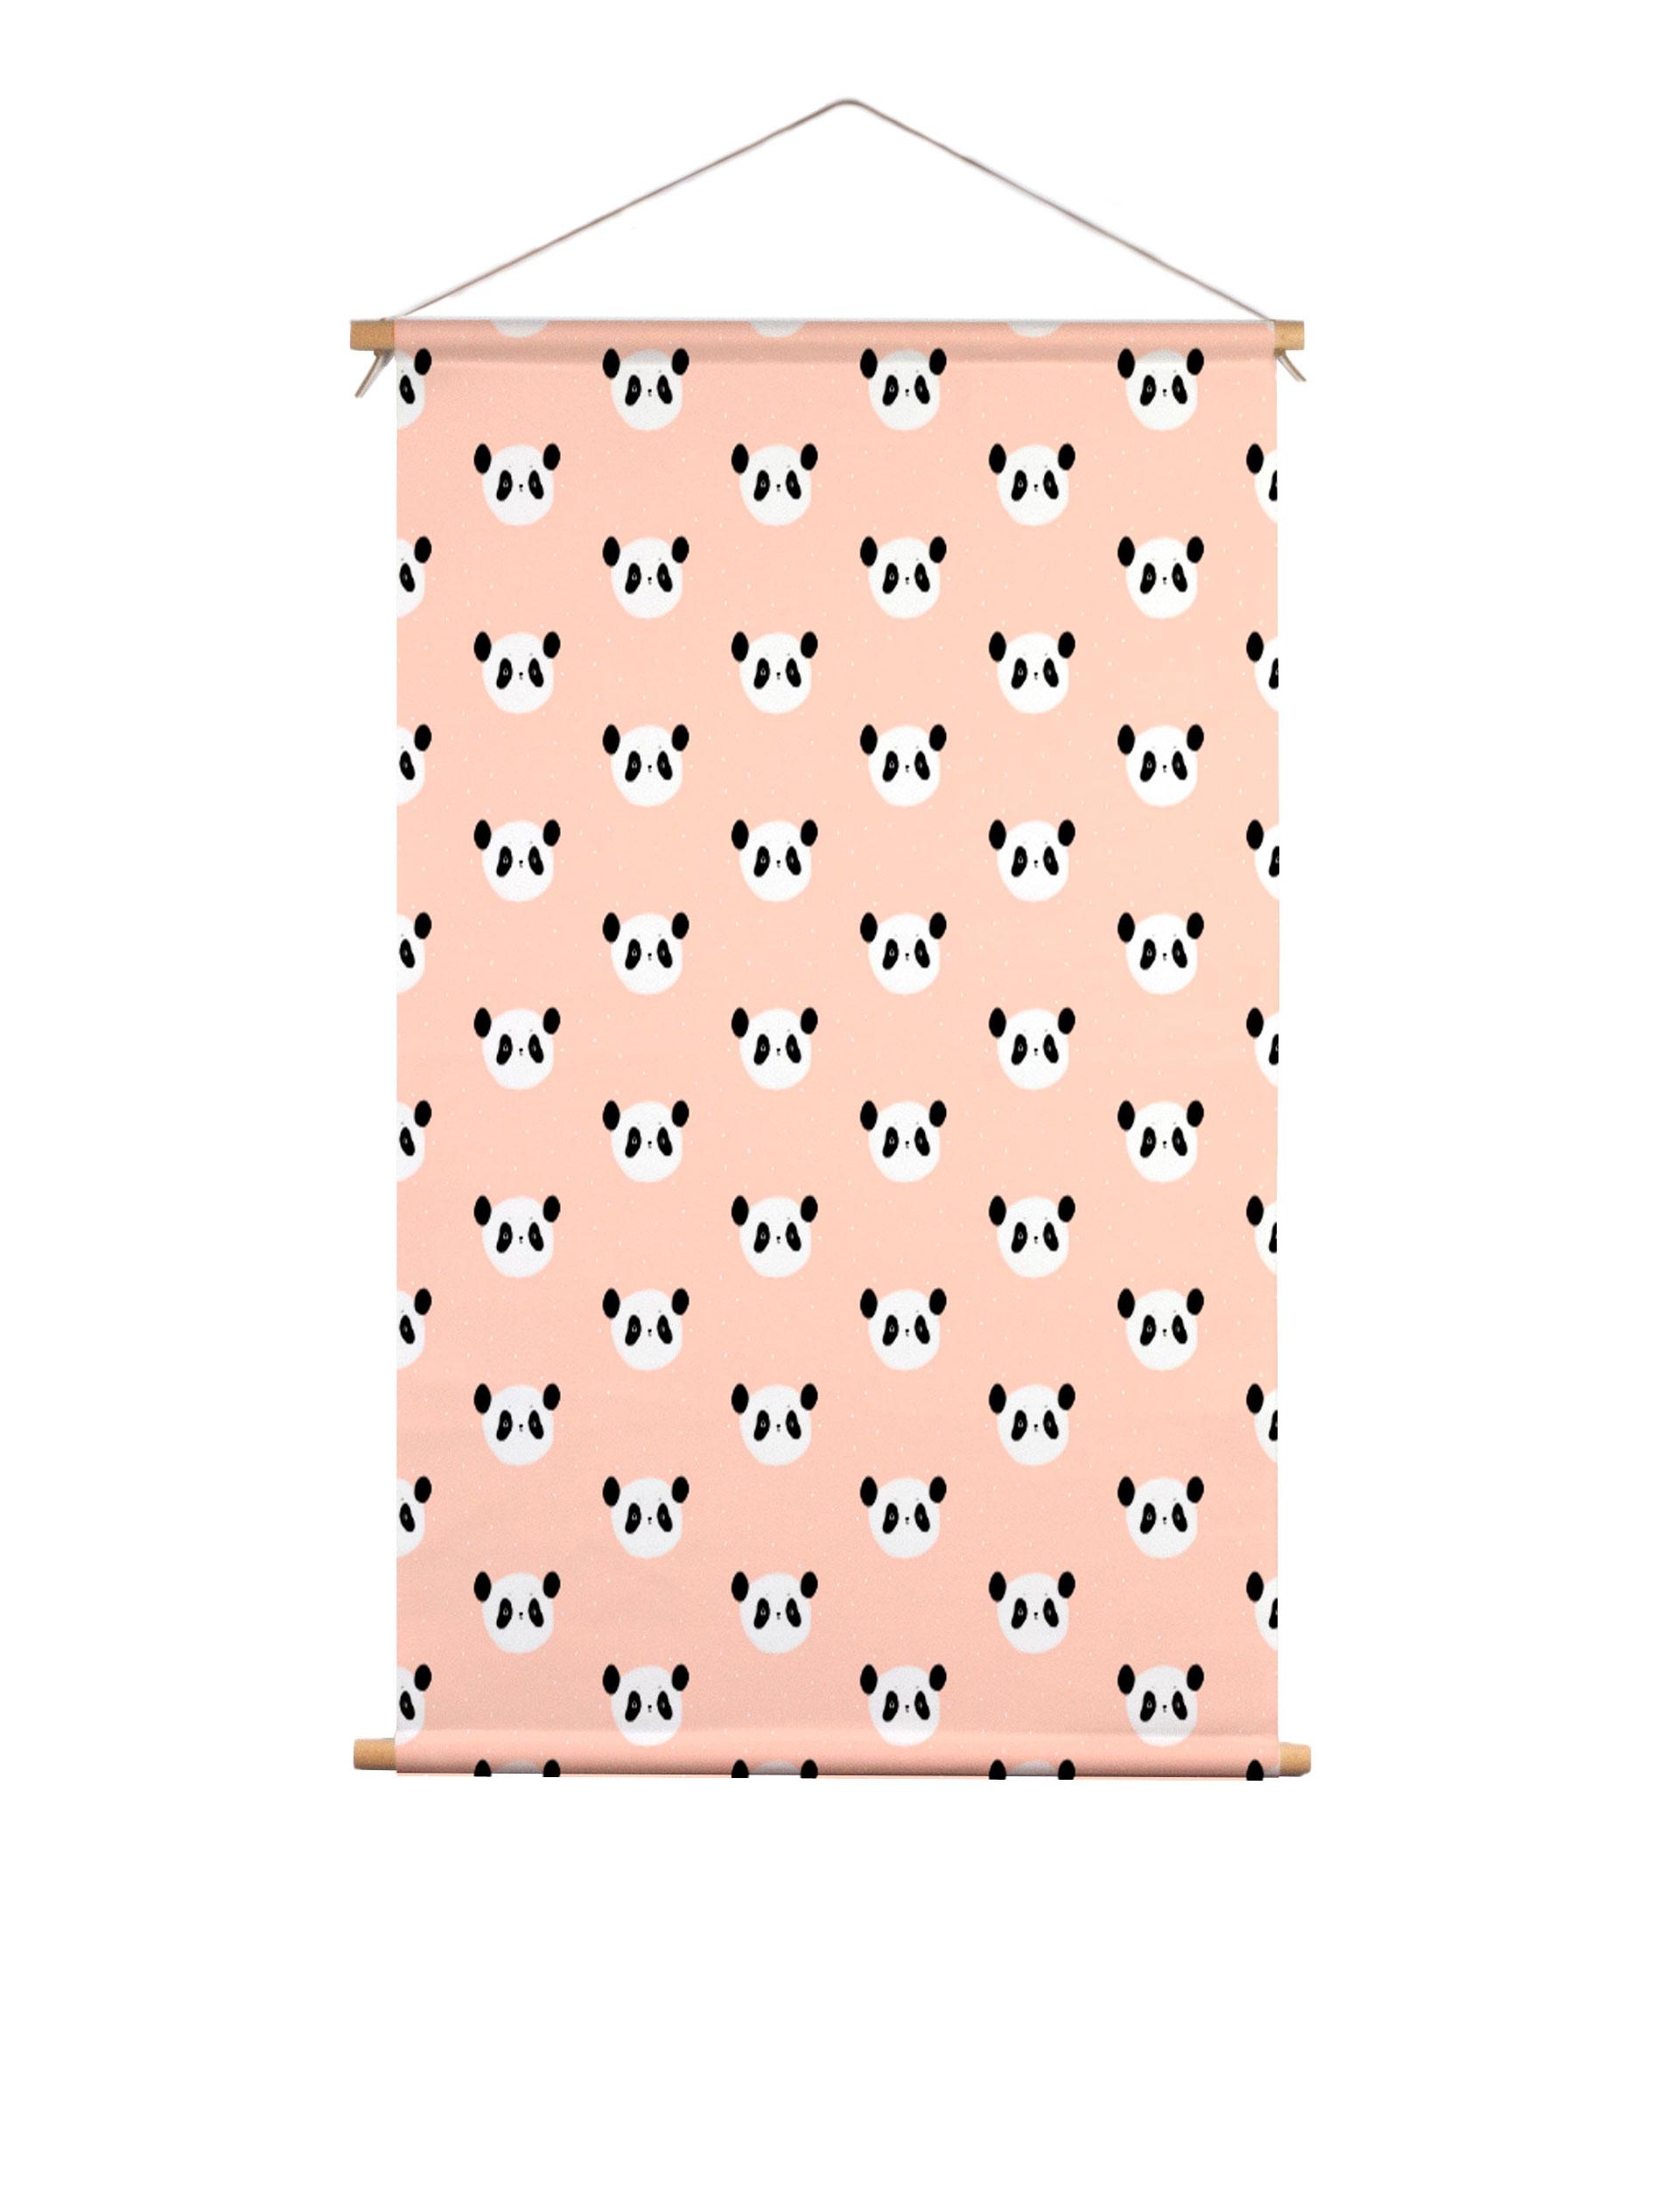 PietEnKees_PietDePanda_textielposter